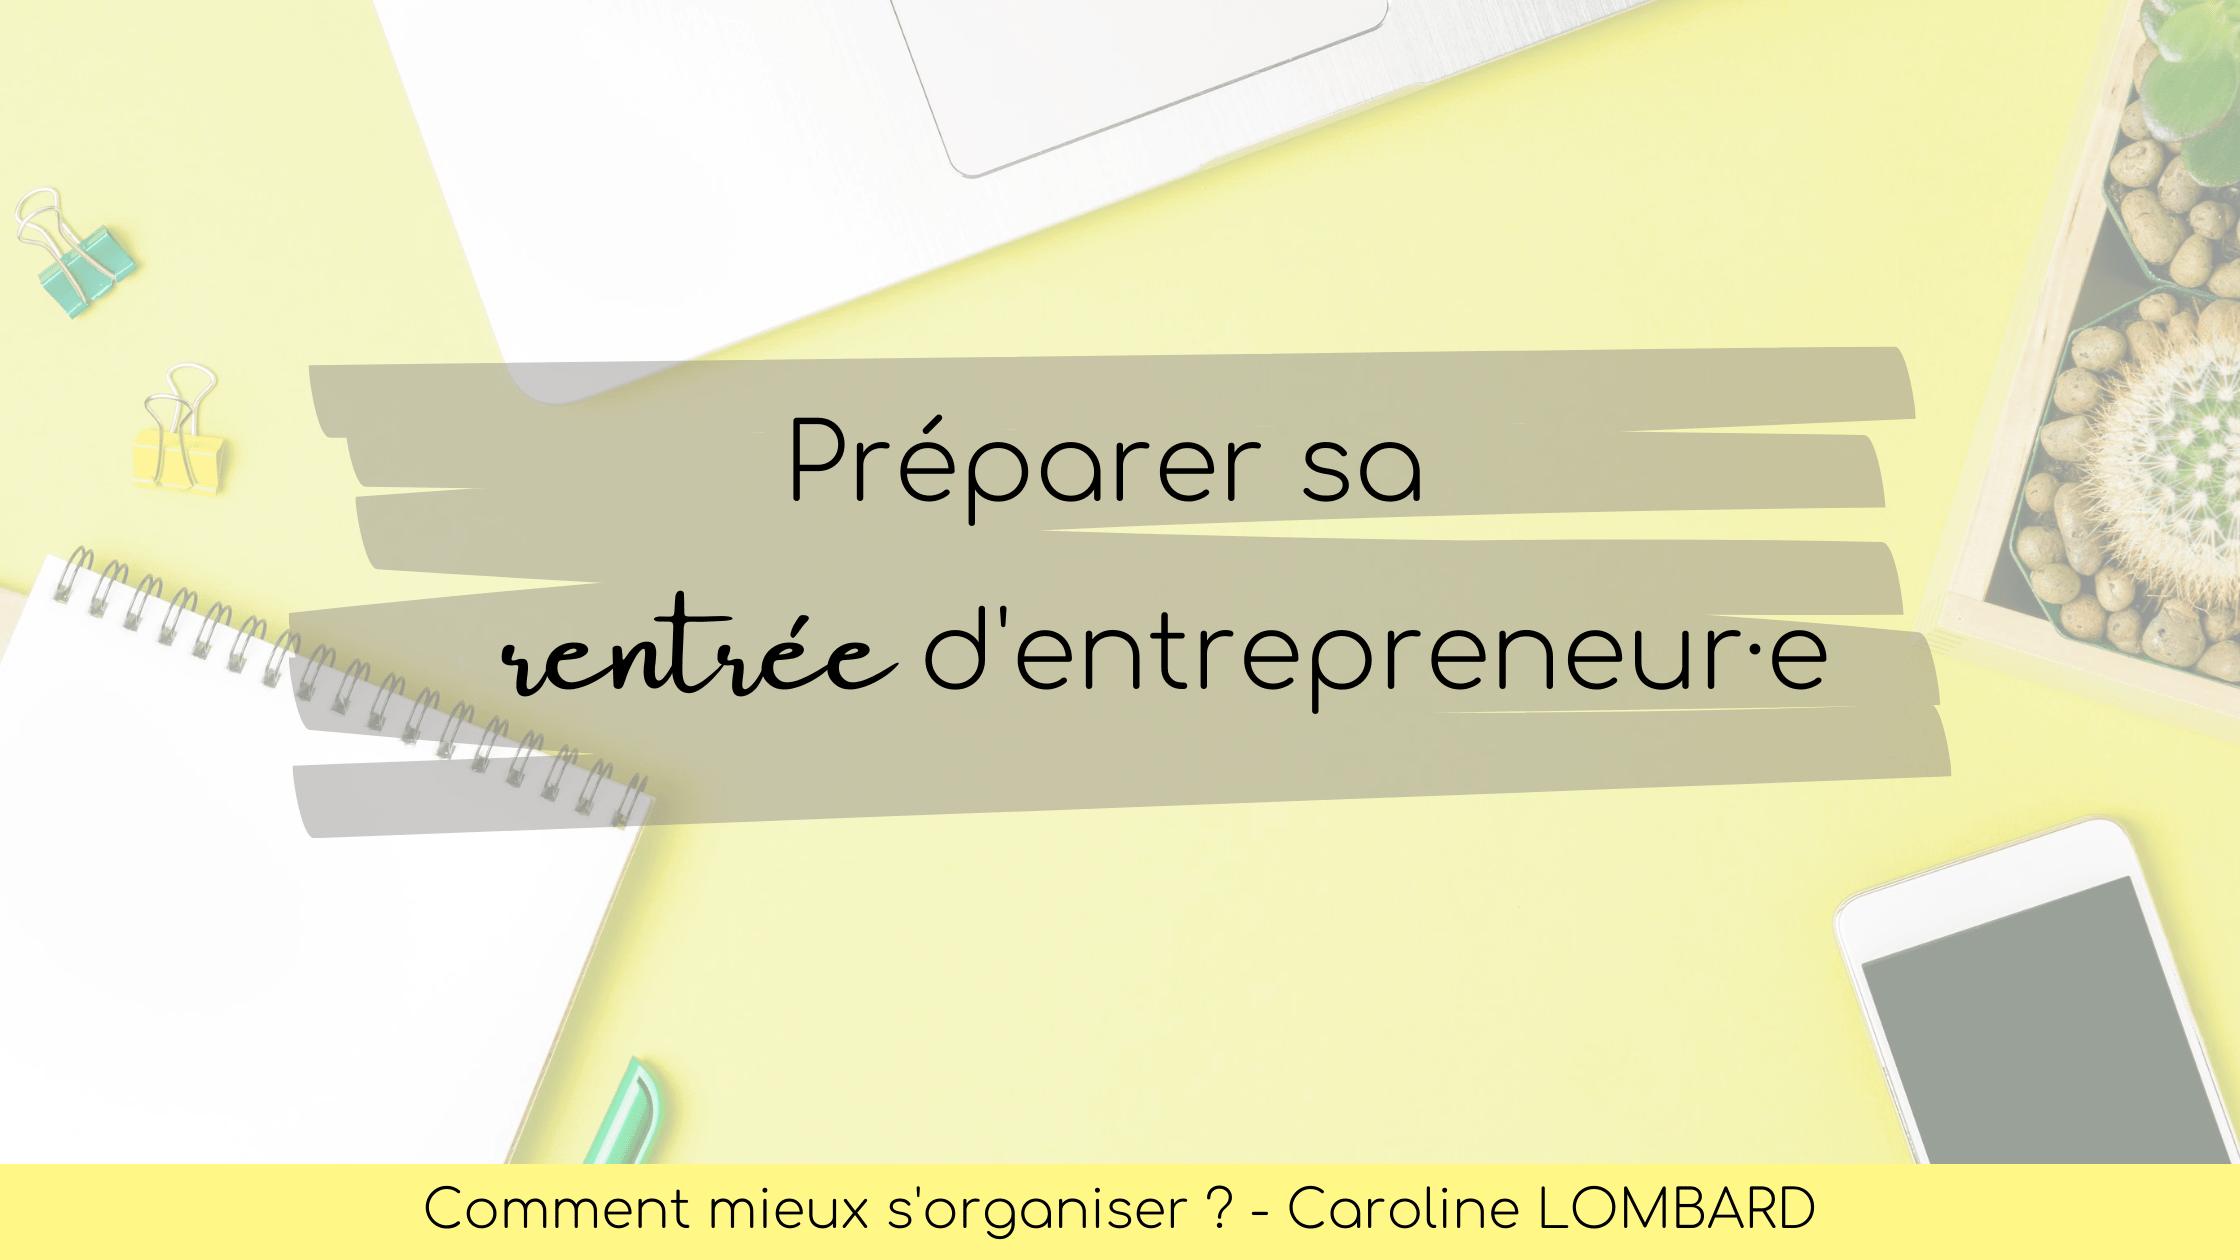 preparer-sa-rentree-d'entrepreneur